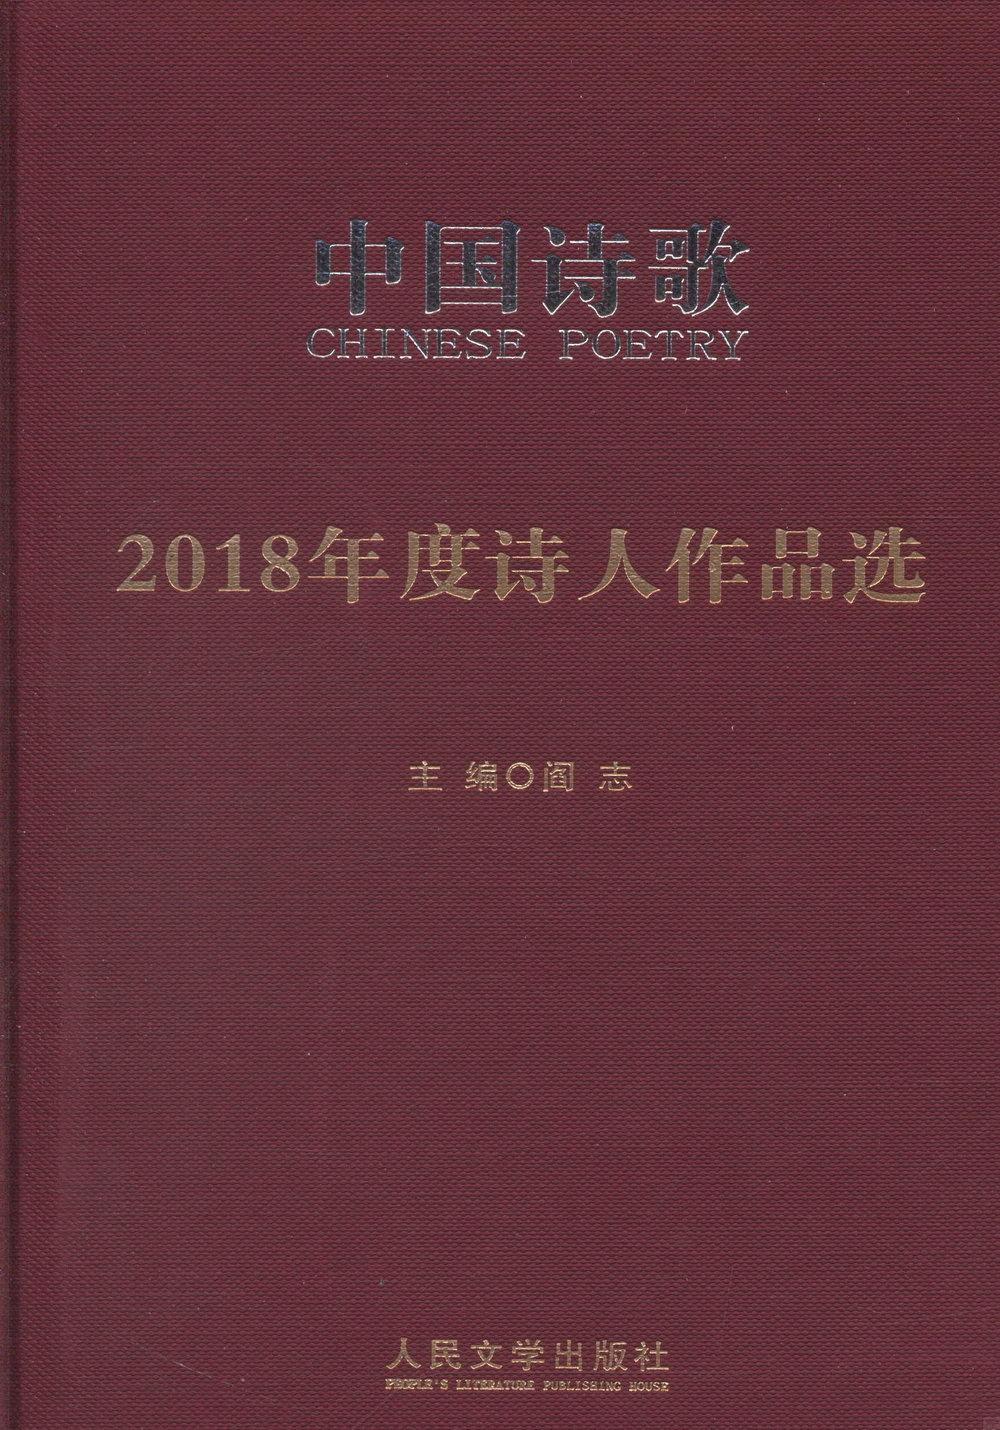 2018年度詩人作品選